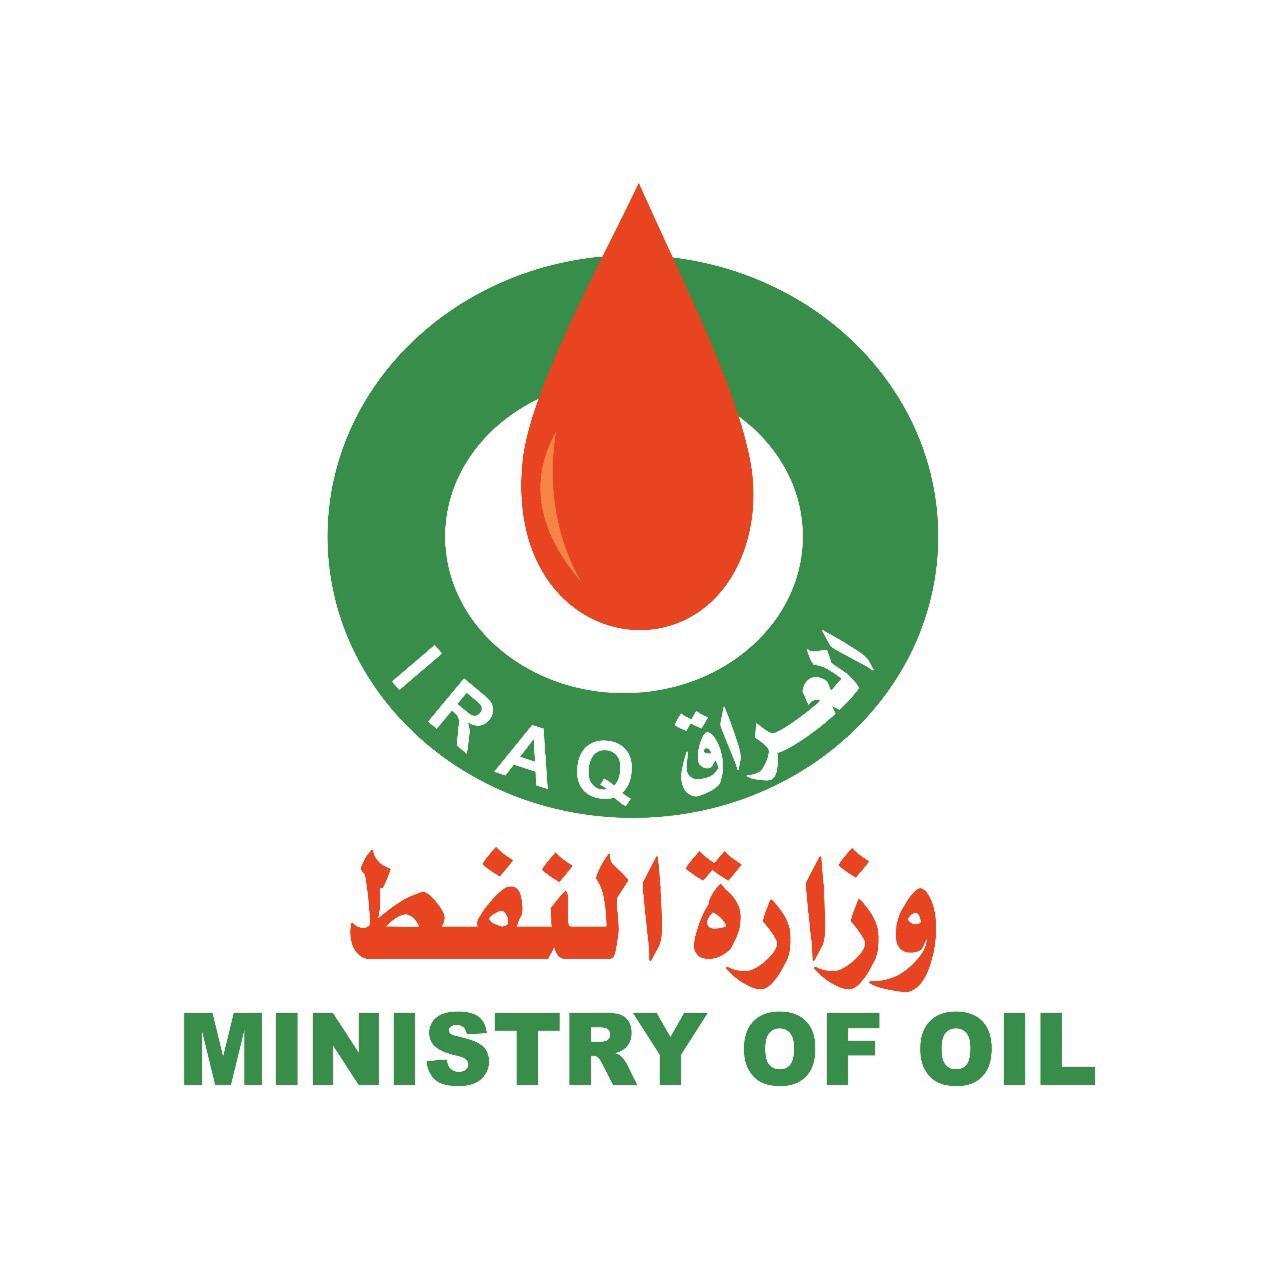 MINISTRY OF OIL - IRAQ